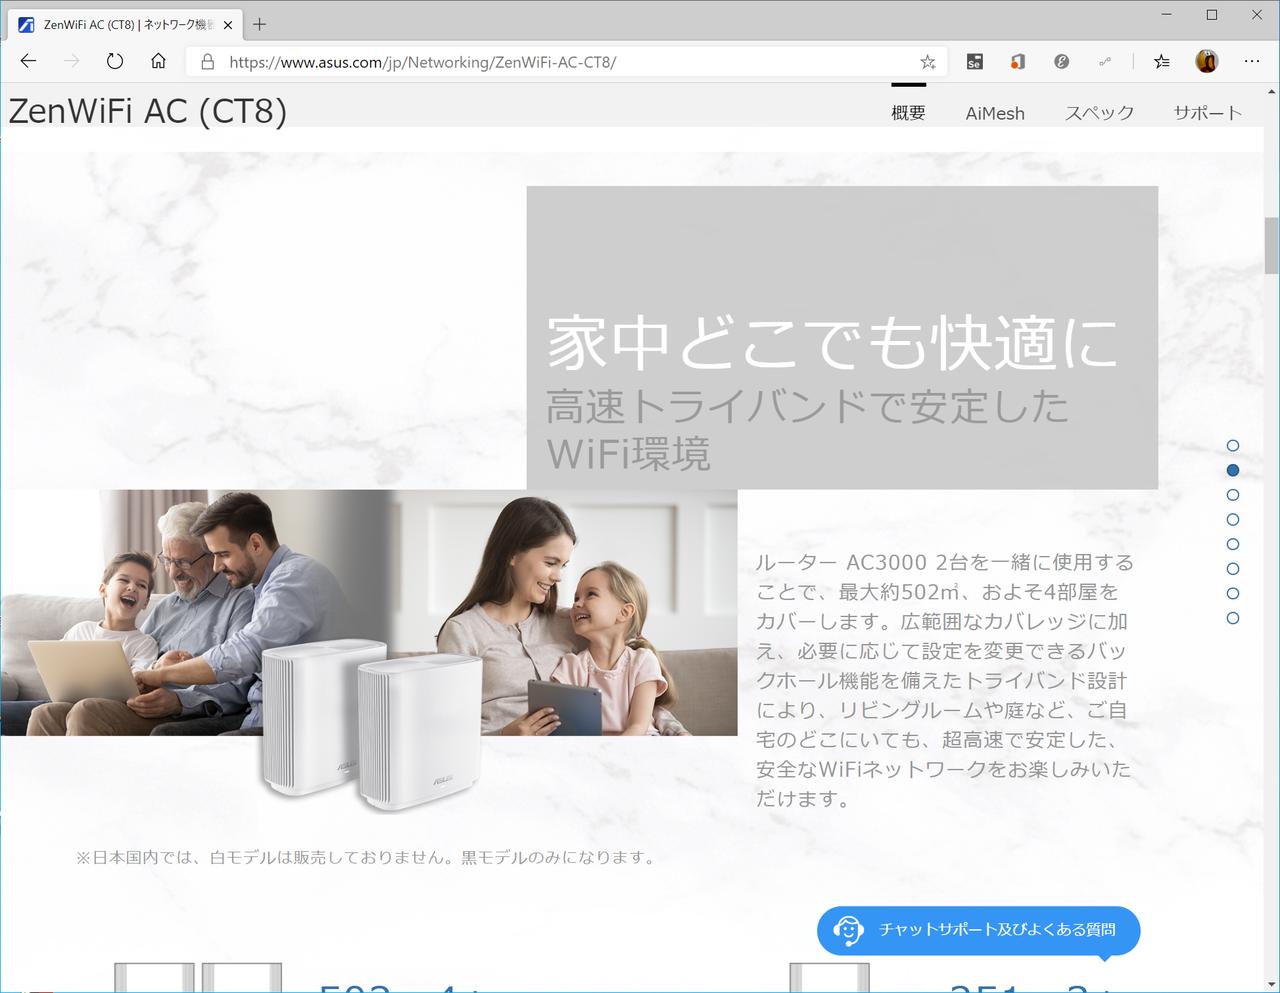 トライバンドに対応したASUSのメッシュWi-Fiルーター「ZenWiFi AC(CT8)」のウェブページ。メッシュWi-Fi製品を購入するときは、トライバンド対応であるかを事前に確認しておきたい